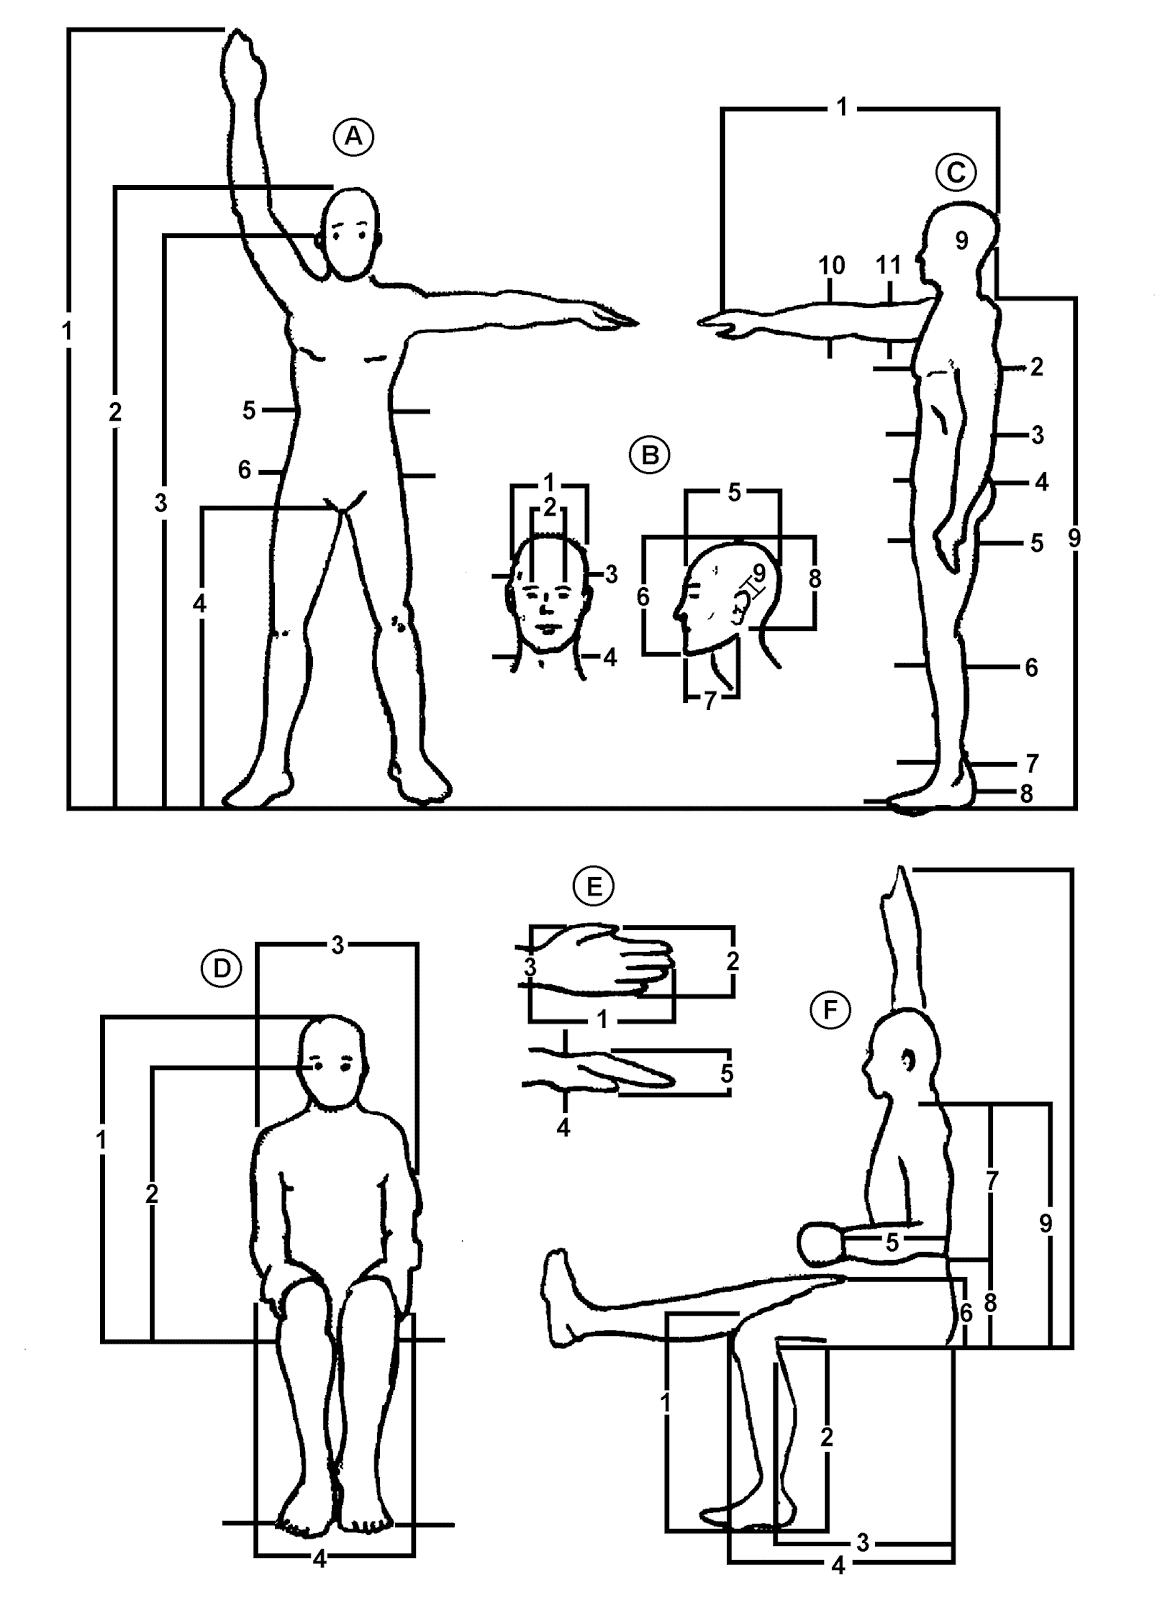 mc jeyko antropometria ergonomia